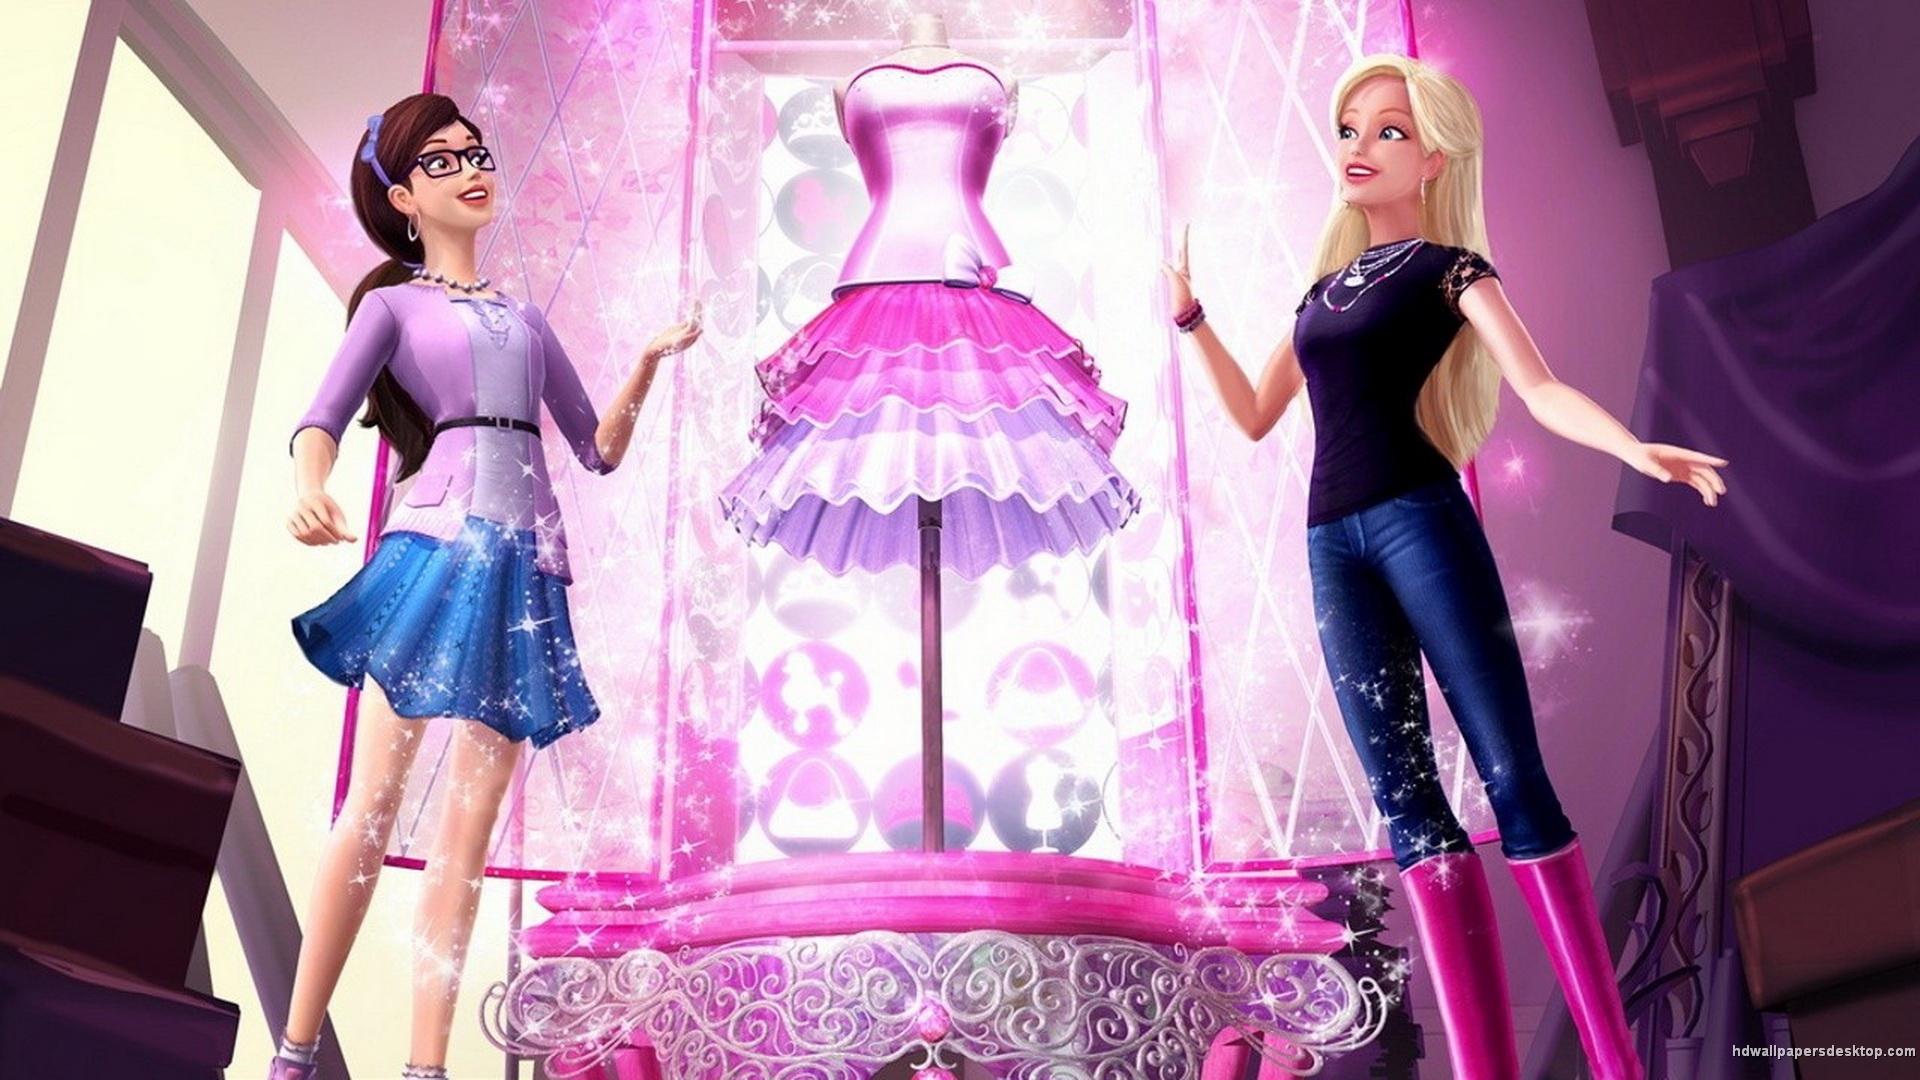 Barbie Wallpaper Barbie Wallpapers Desktop Pictures Barbie 1920x1080